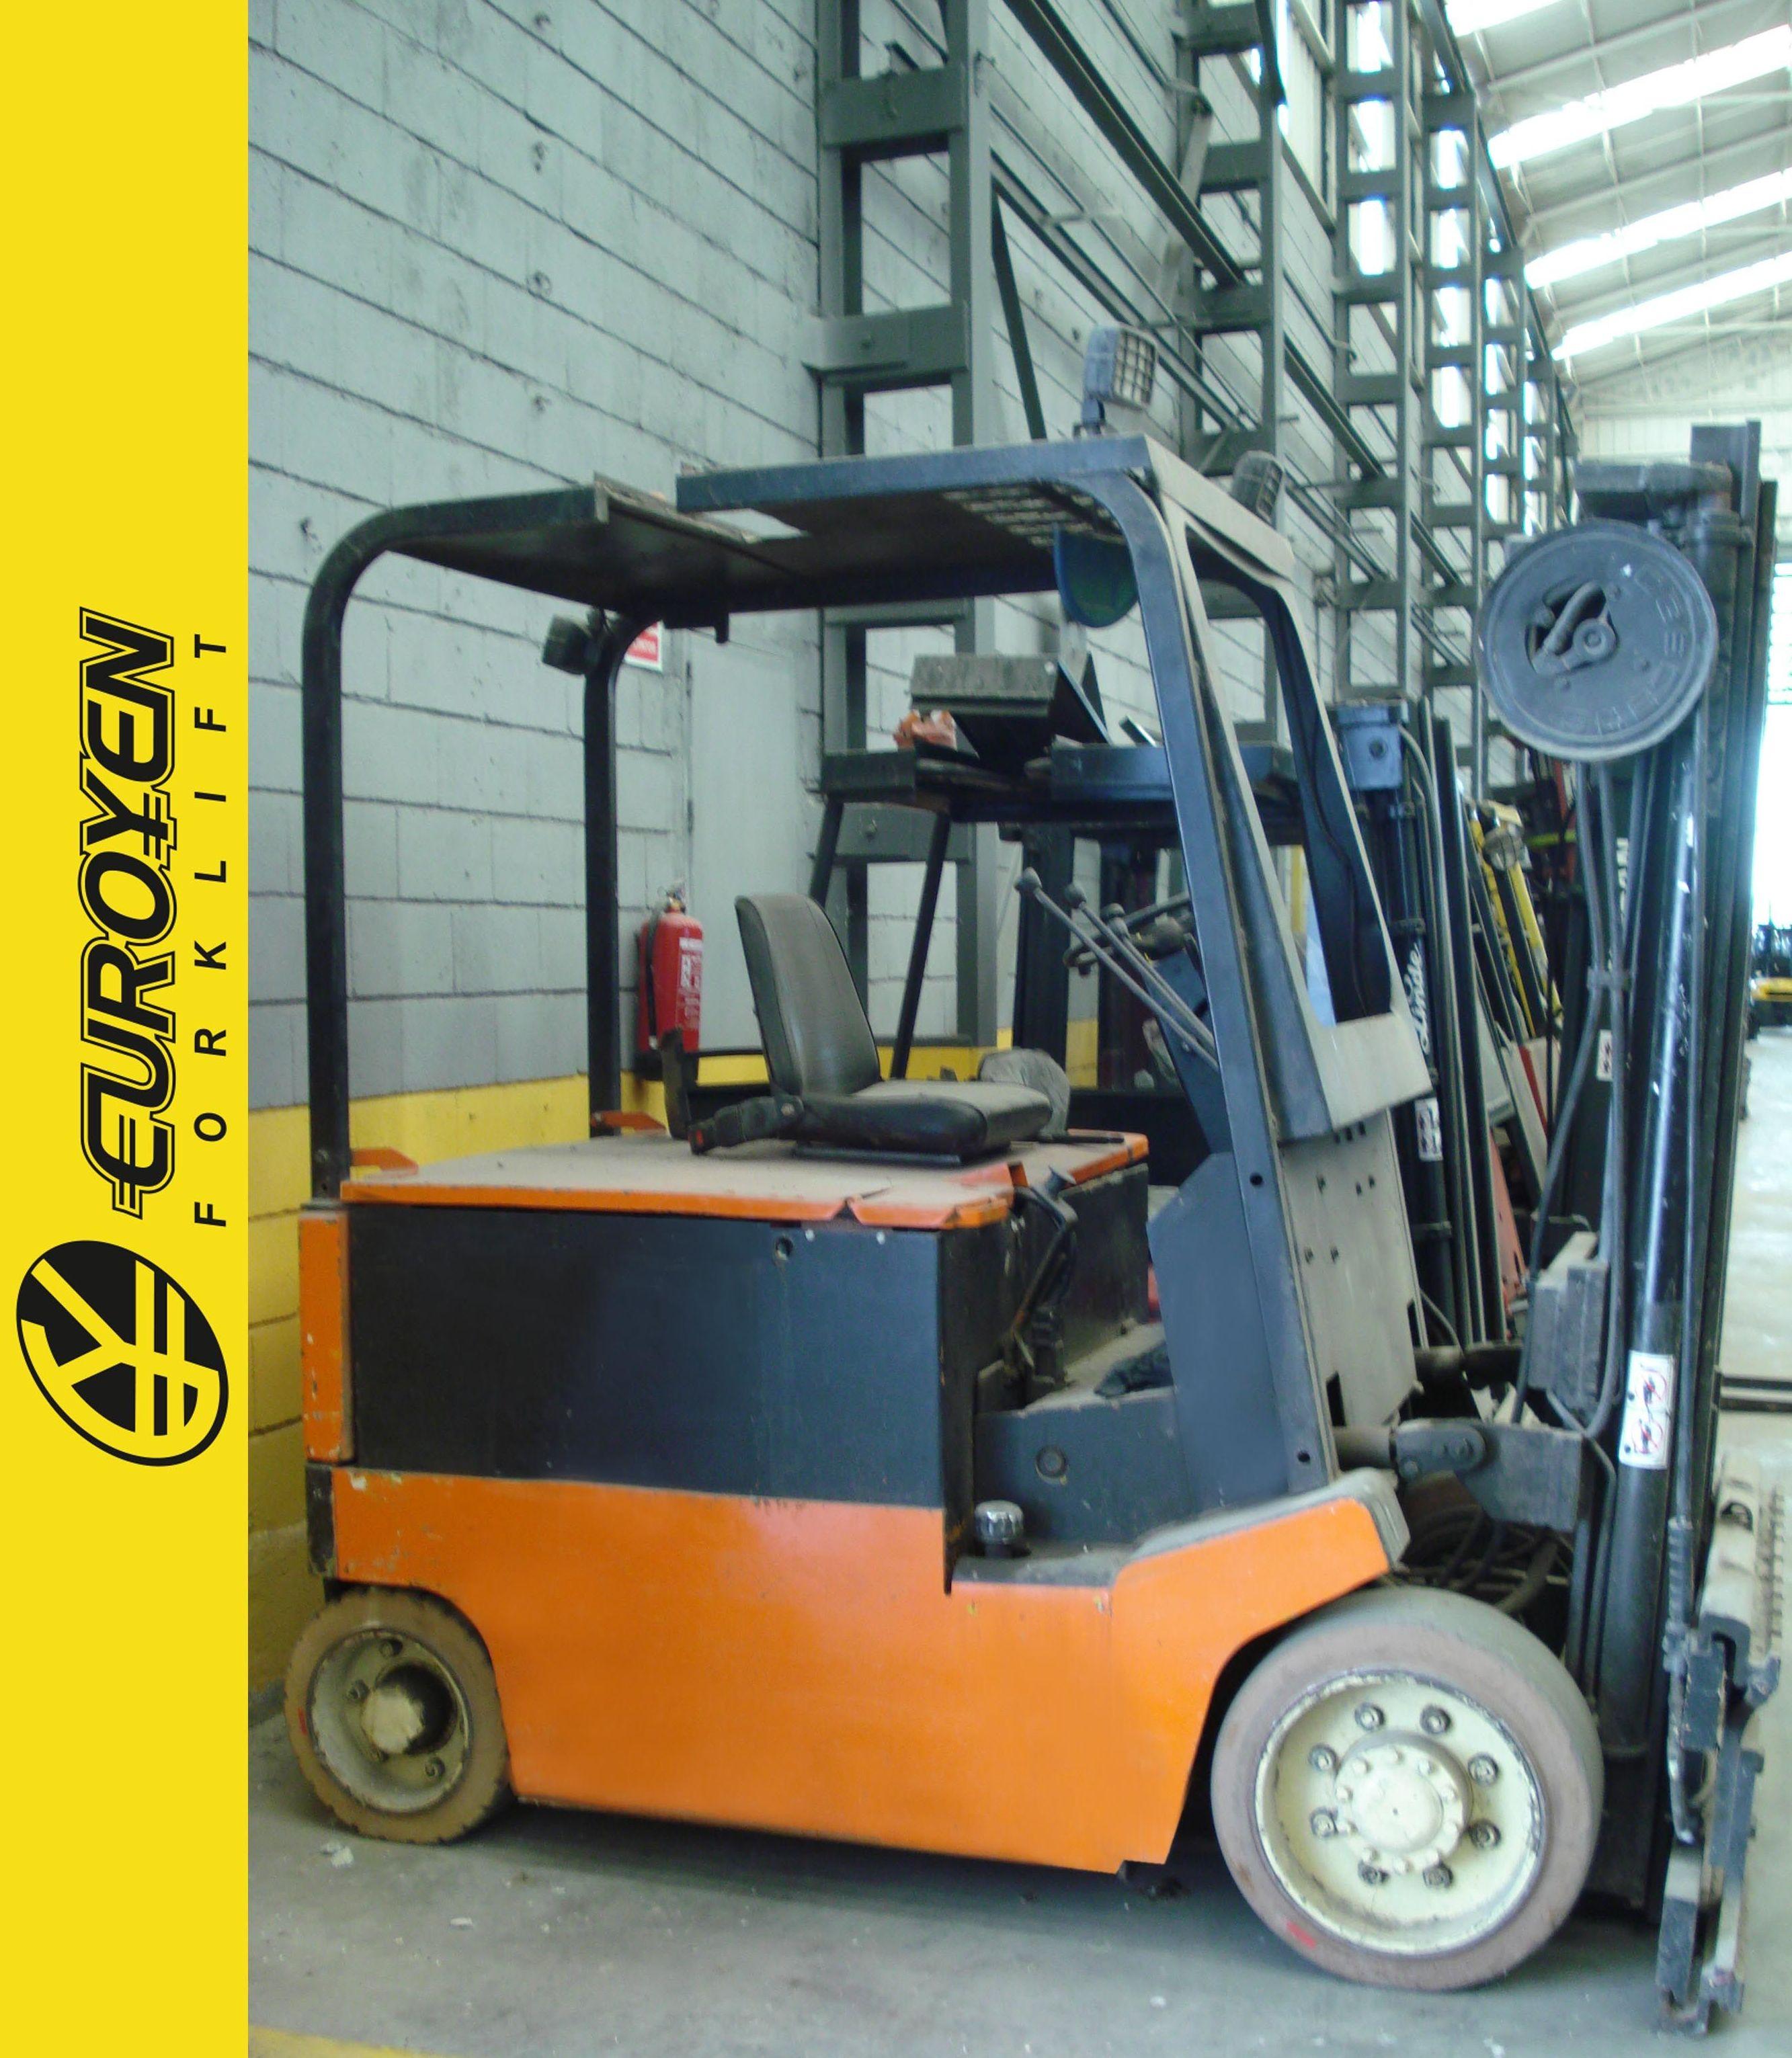 Carretilla eléctrica YALE Nº 5282: Productos y servicios de Comercial Euroyen, S. L.